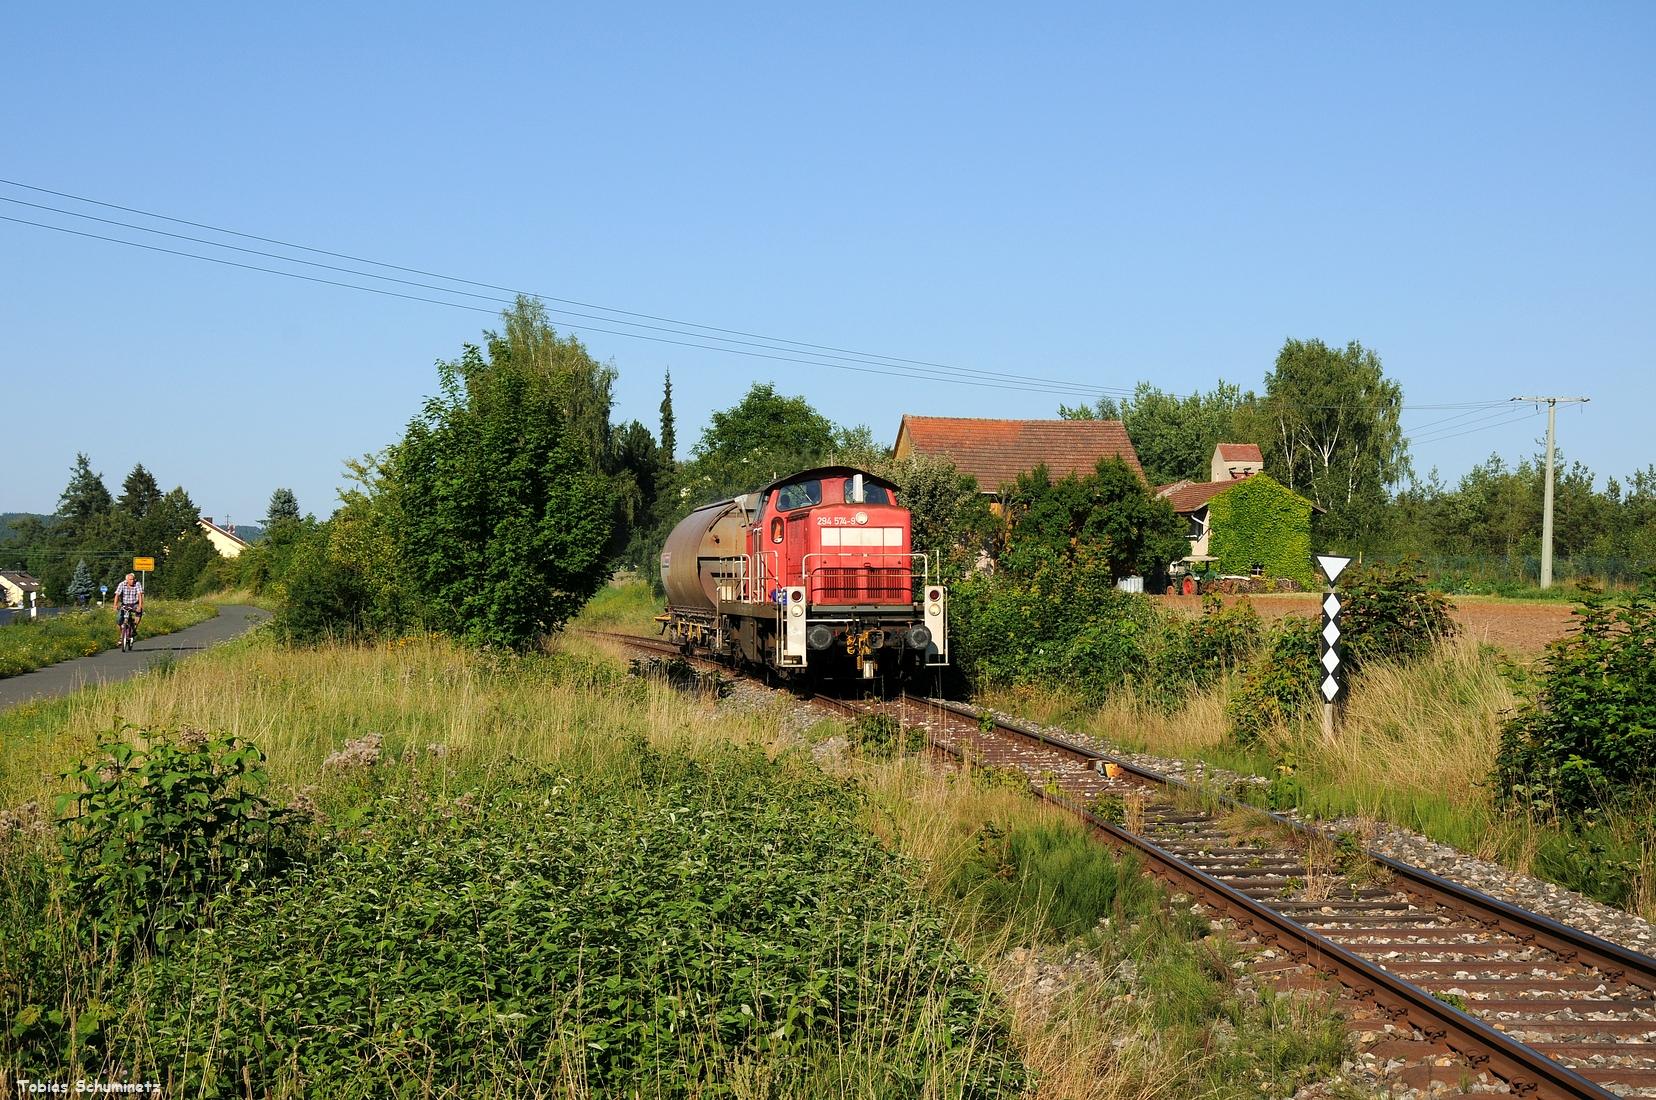 Und als Bonus gibts noch ein Bild vom 07.08.2017 wo 294 574 mit dem EK55976, aus welchem der EK55977 hervorgeht gerade Schnaittenbach verlässt. Das Bild mit dem alten Bauernhof hatte ich auch schon lange in meinem geistigen Auge, ich hatte es nur nie geschafft es umzusetzen.